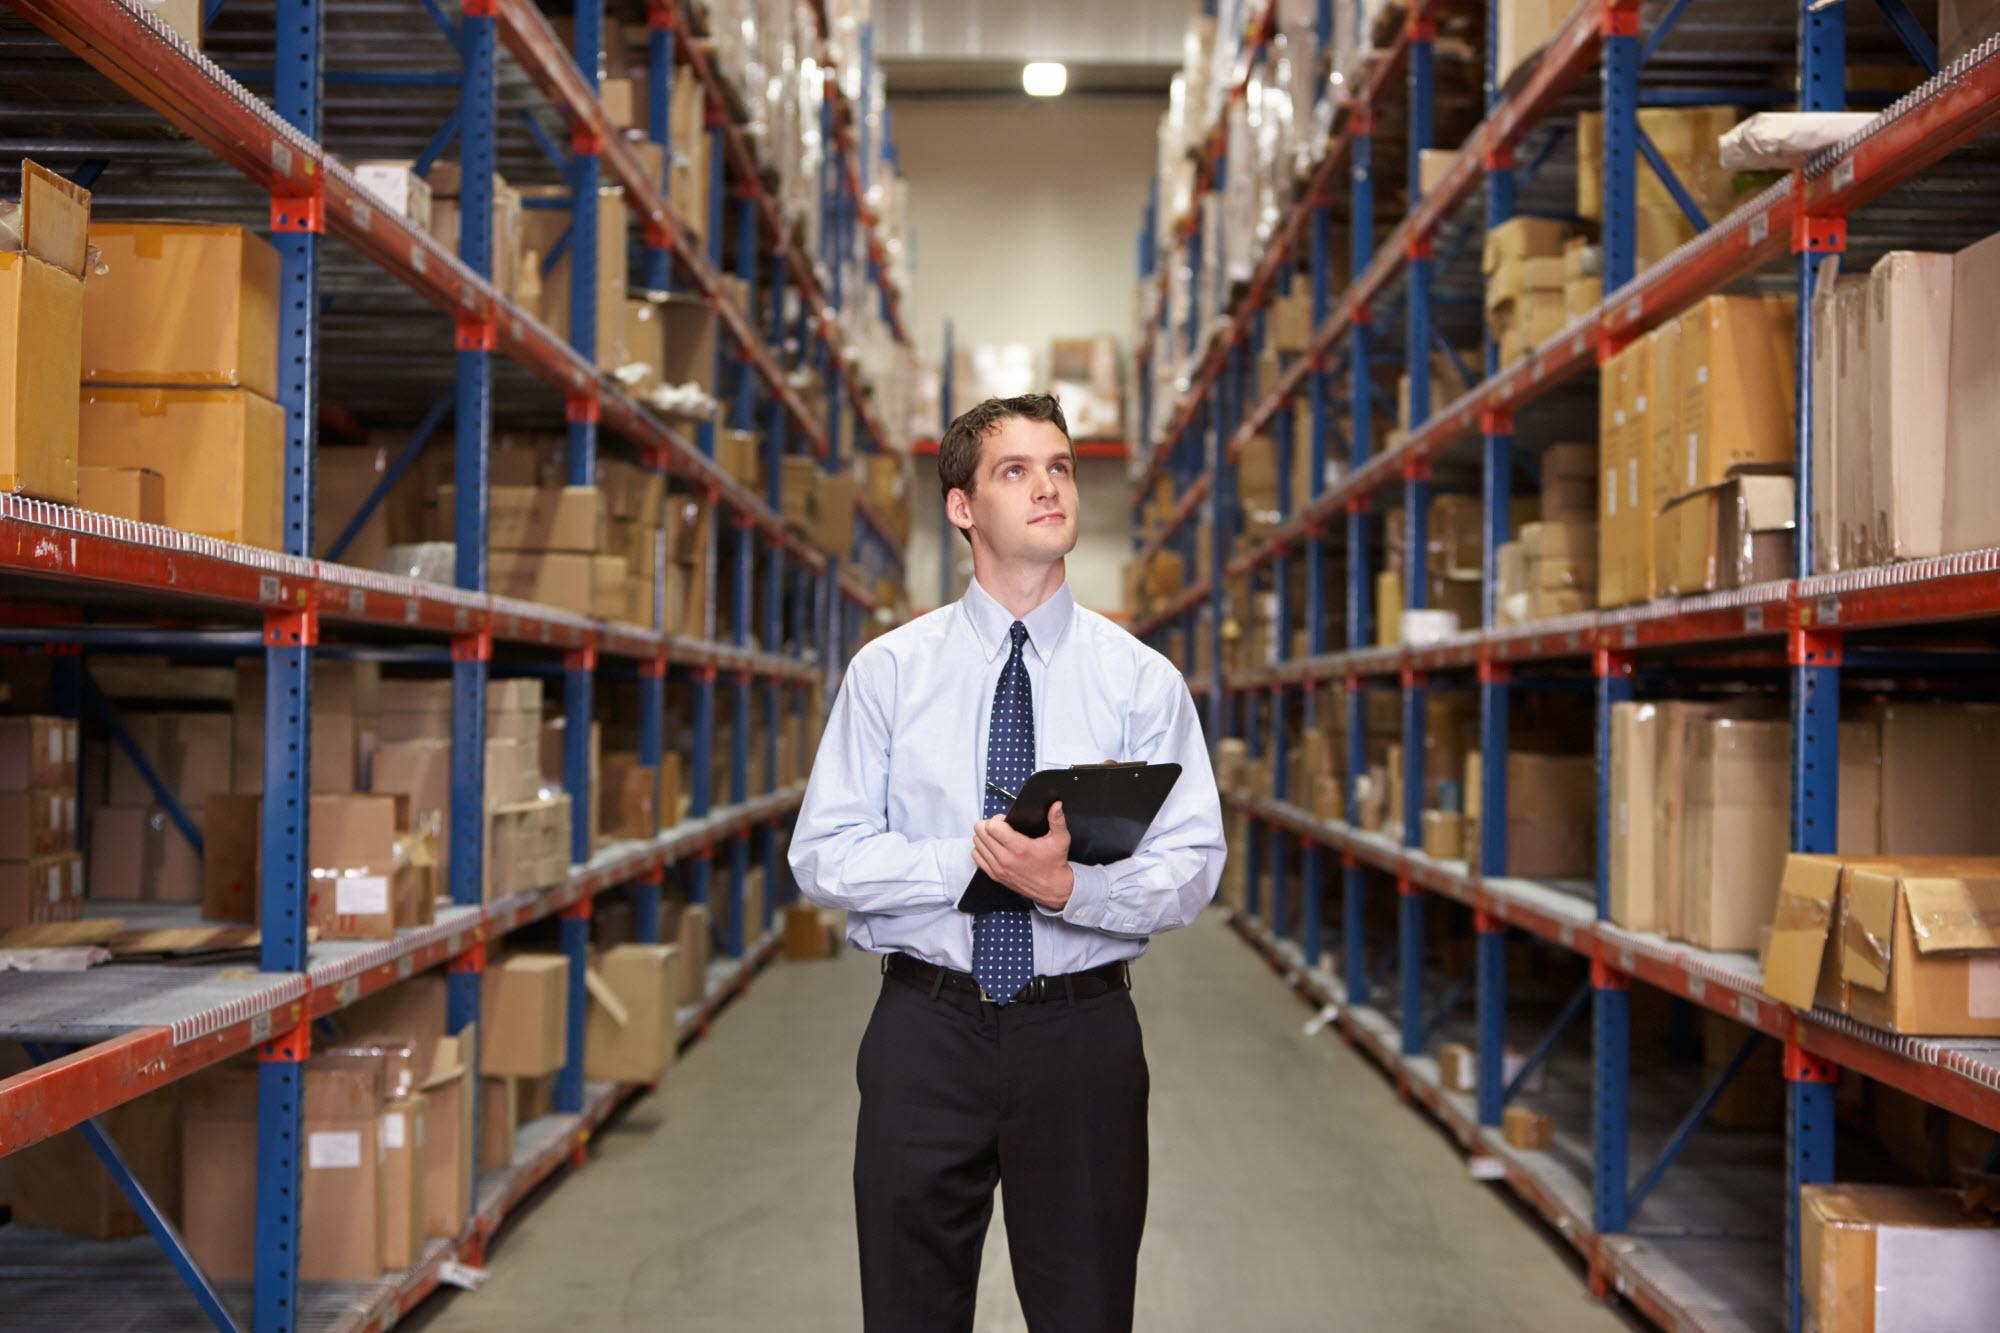 Warehouse Management - Borobudur Training